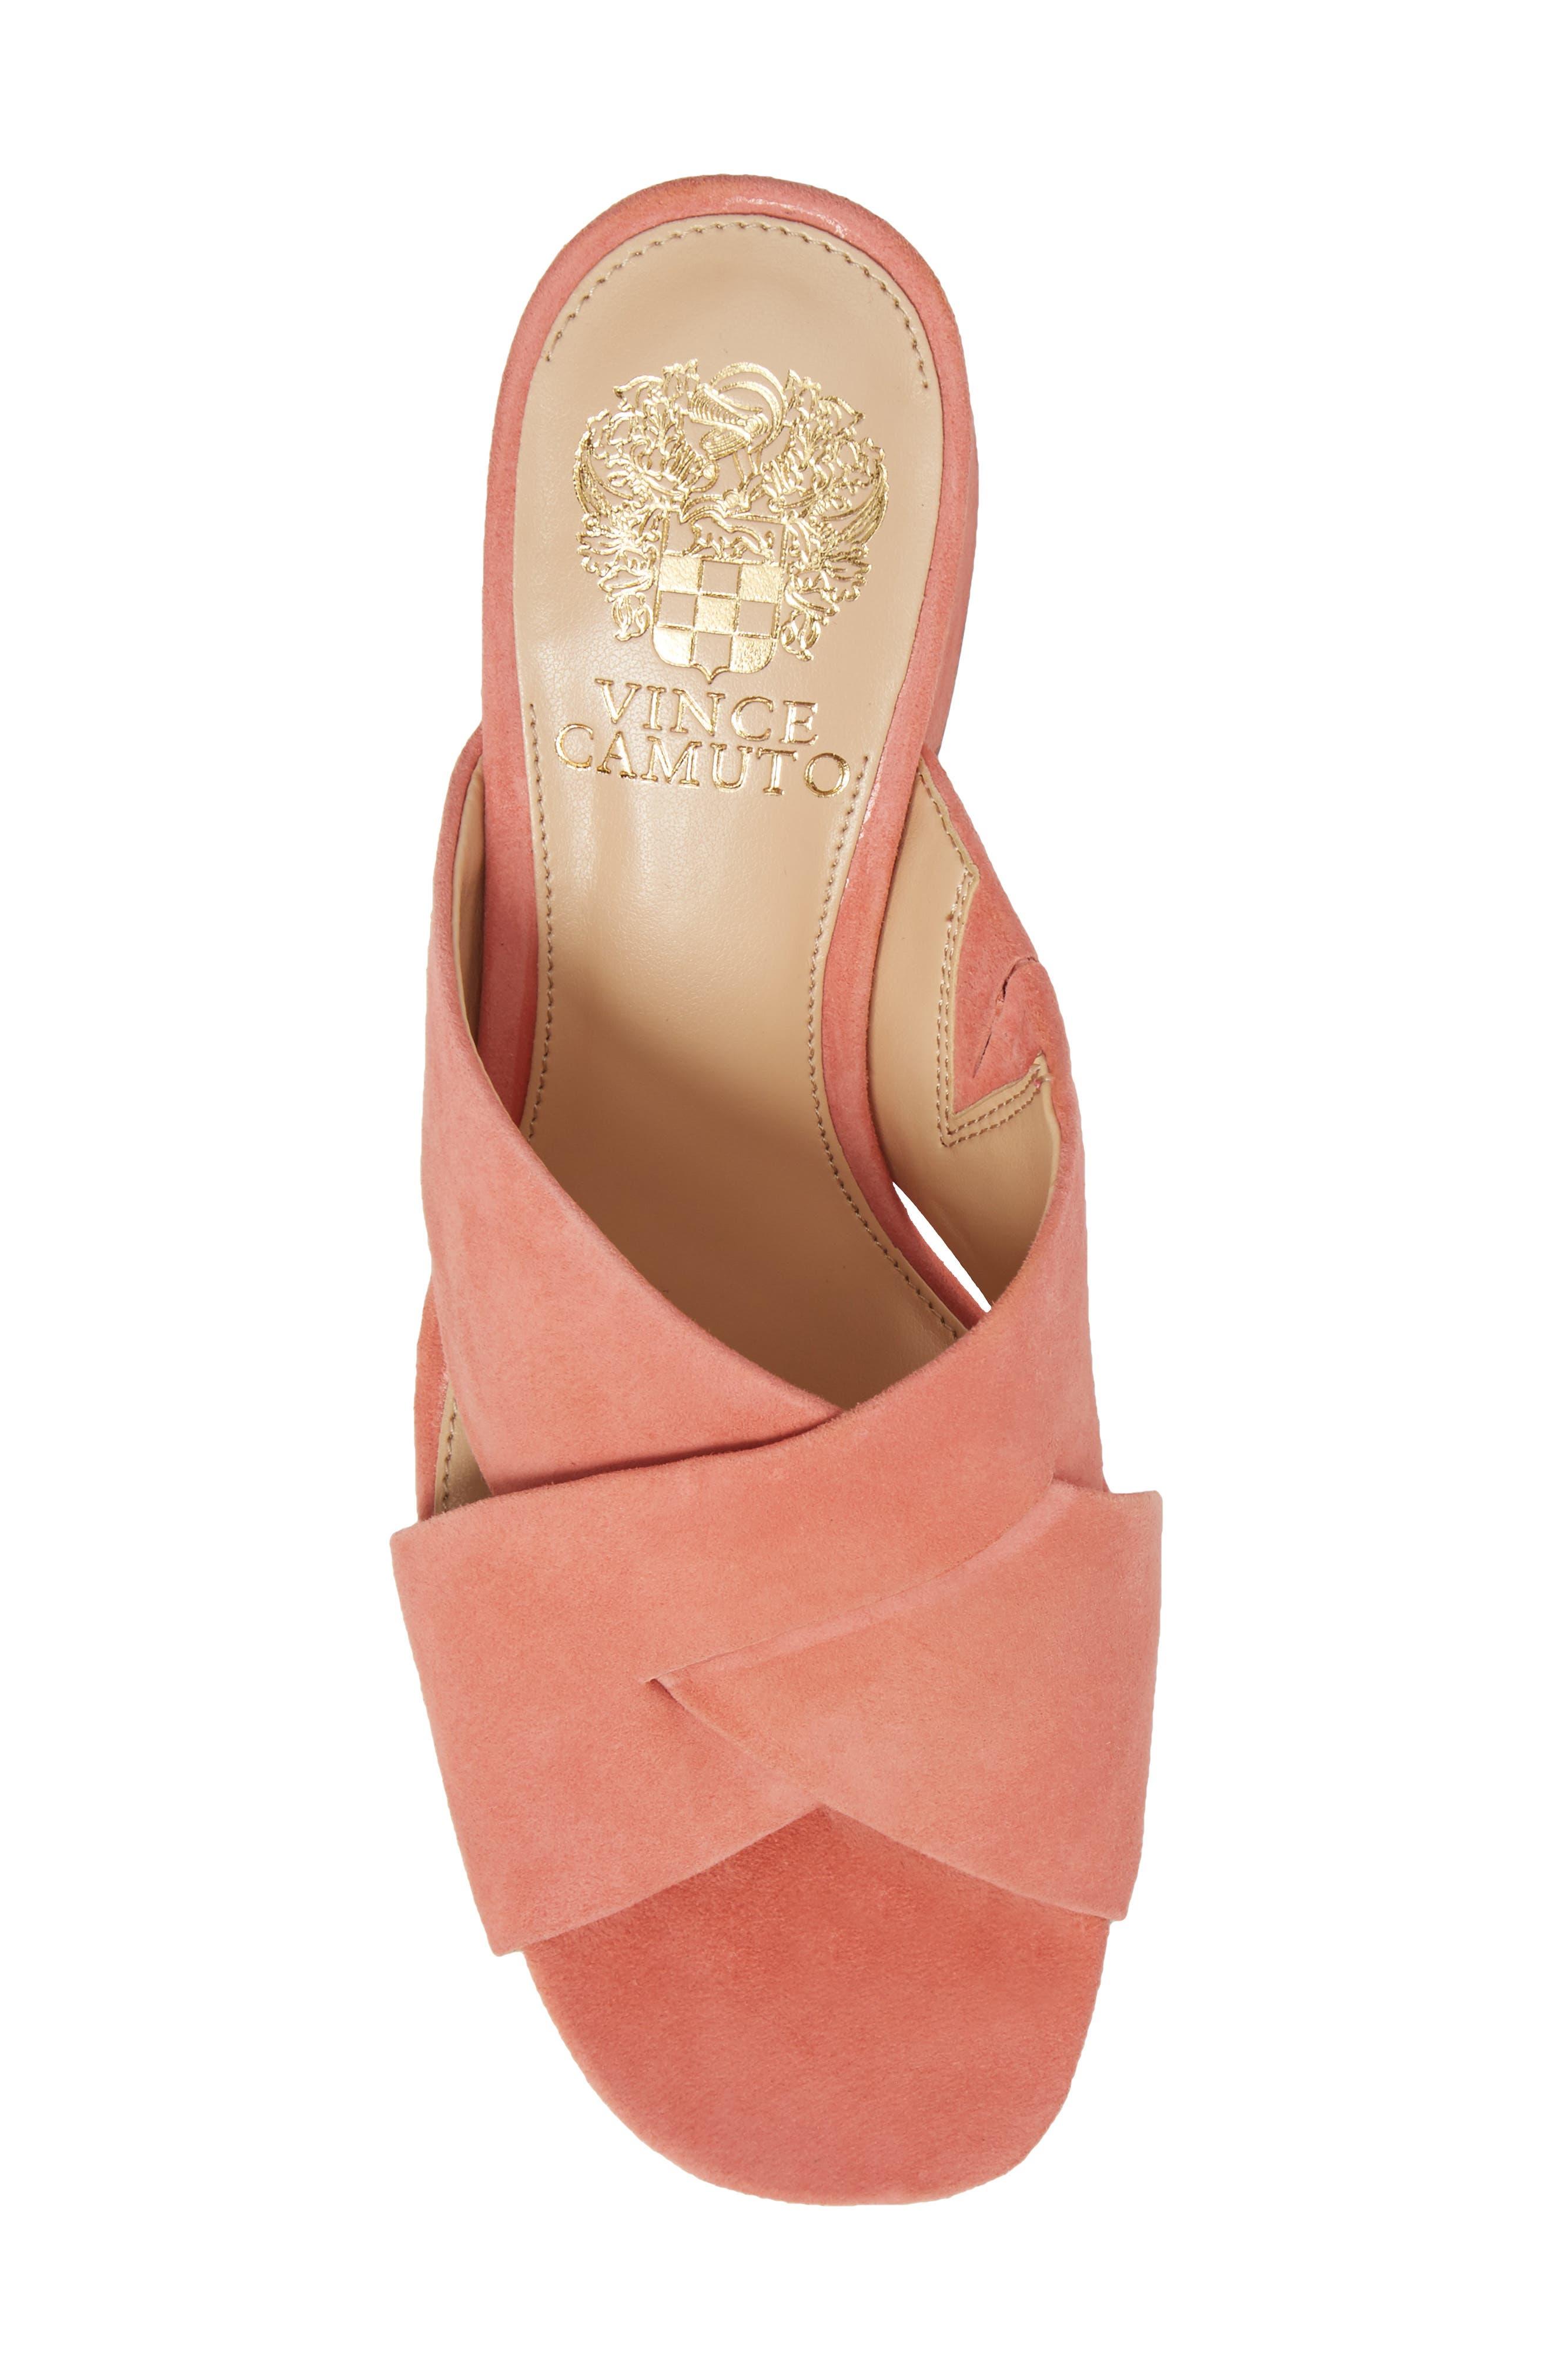 Stania Sandal,                             Alternate thumbnail 5, color,                             Fancy Flamingo Suede